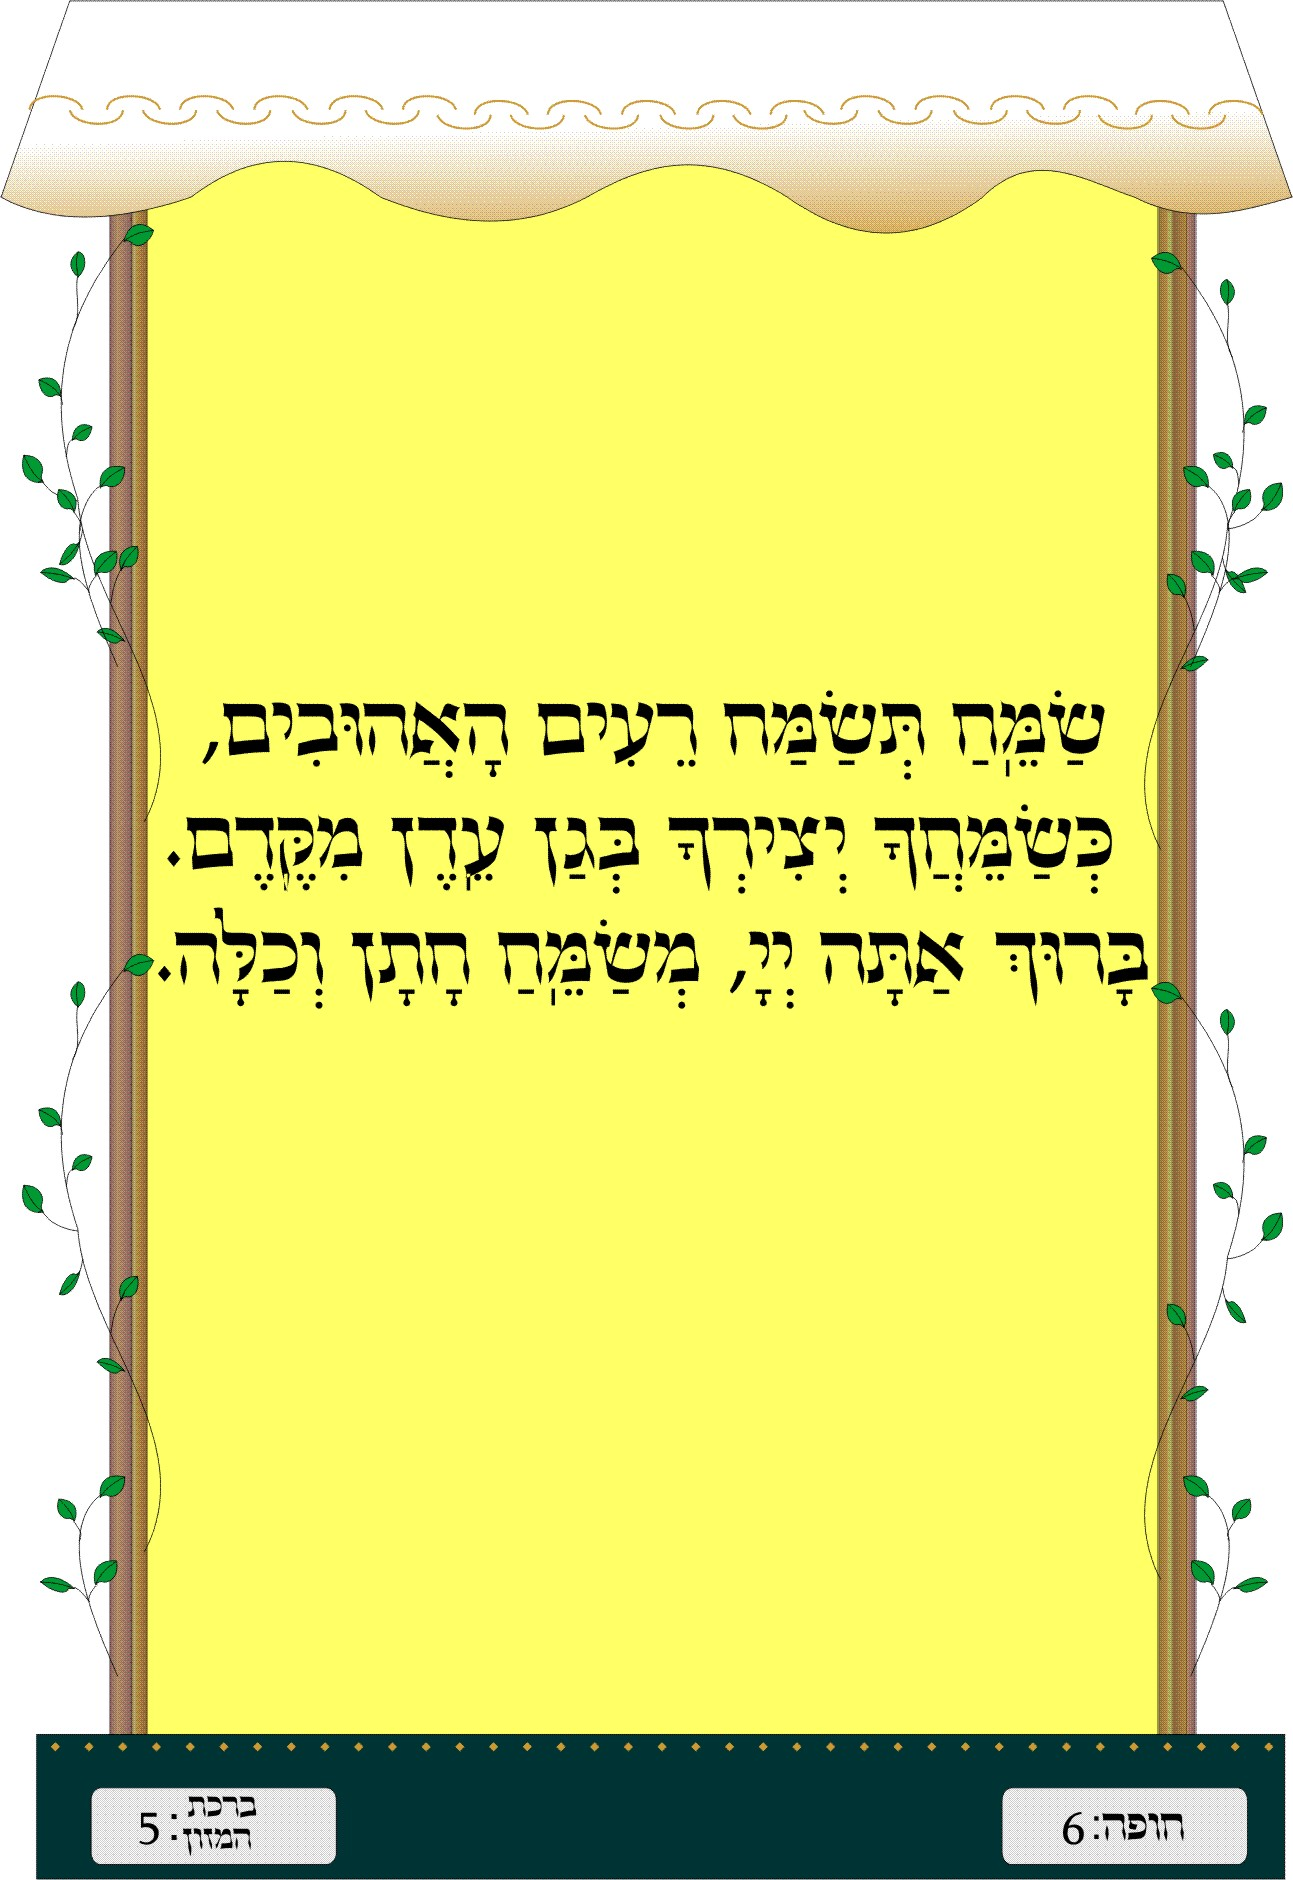 Sheva Brachot - Blessing #7